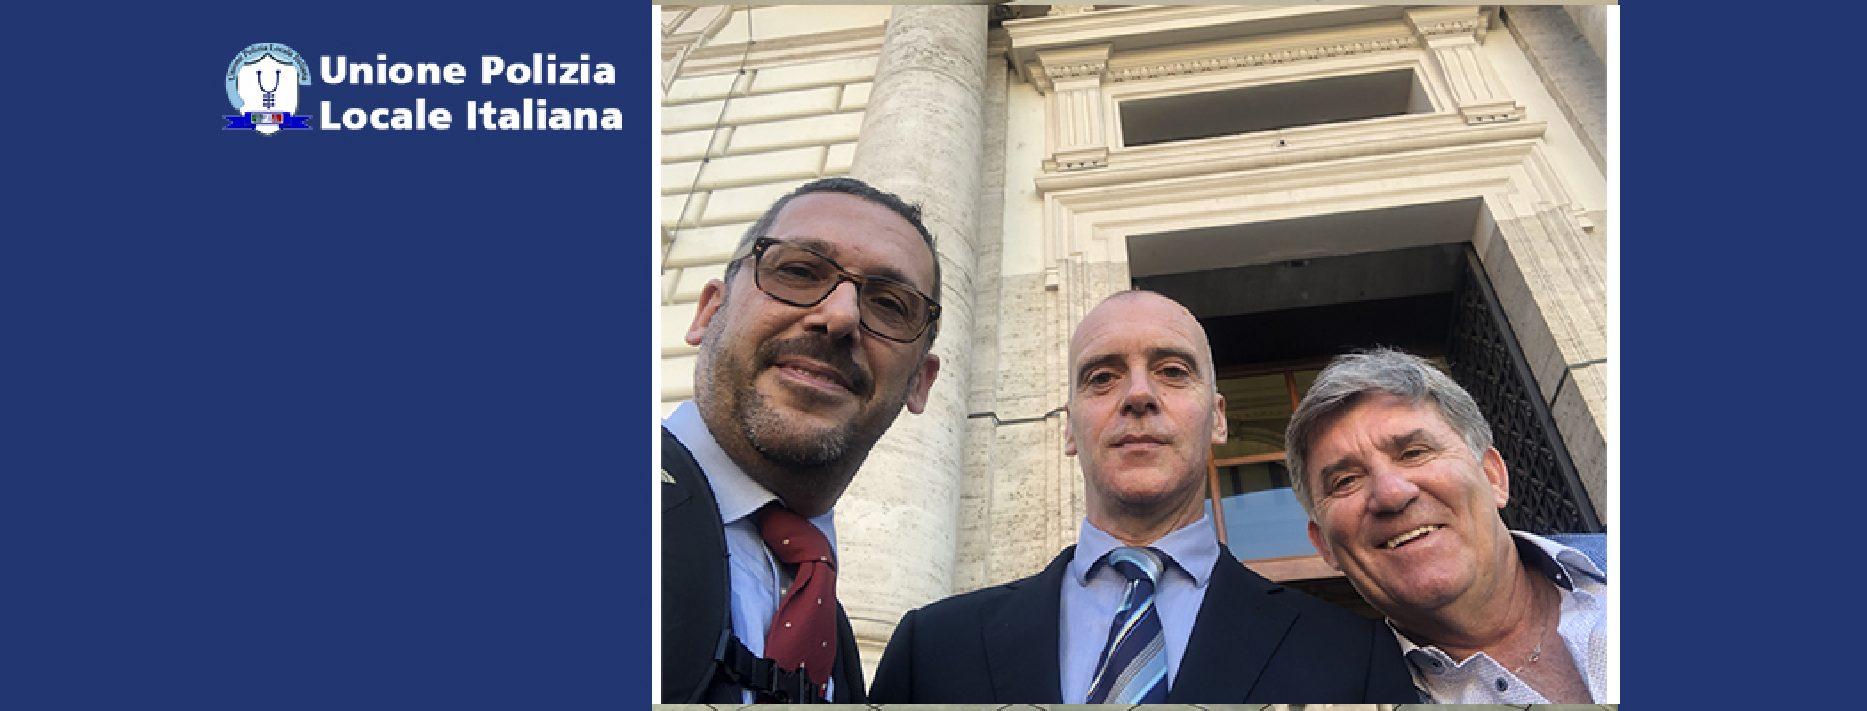 L'UPLI INVITATA AL MINISTERO DELL'INTERNO